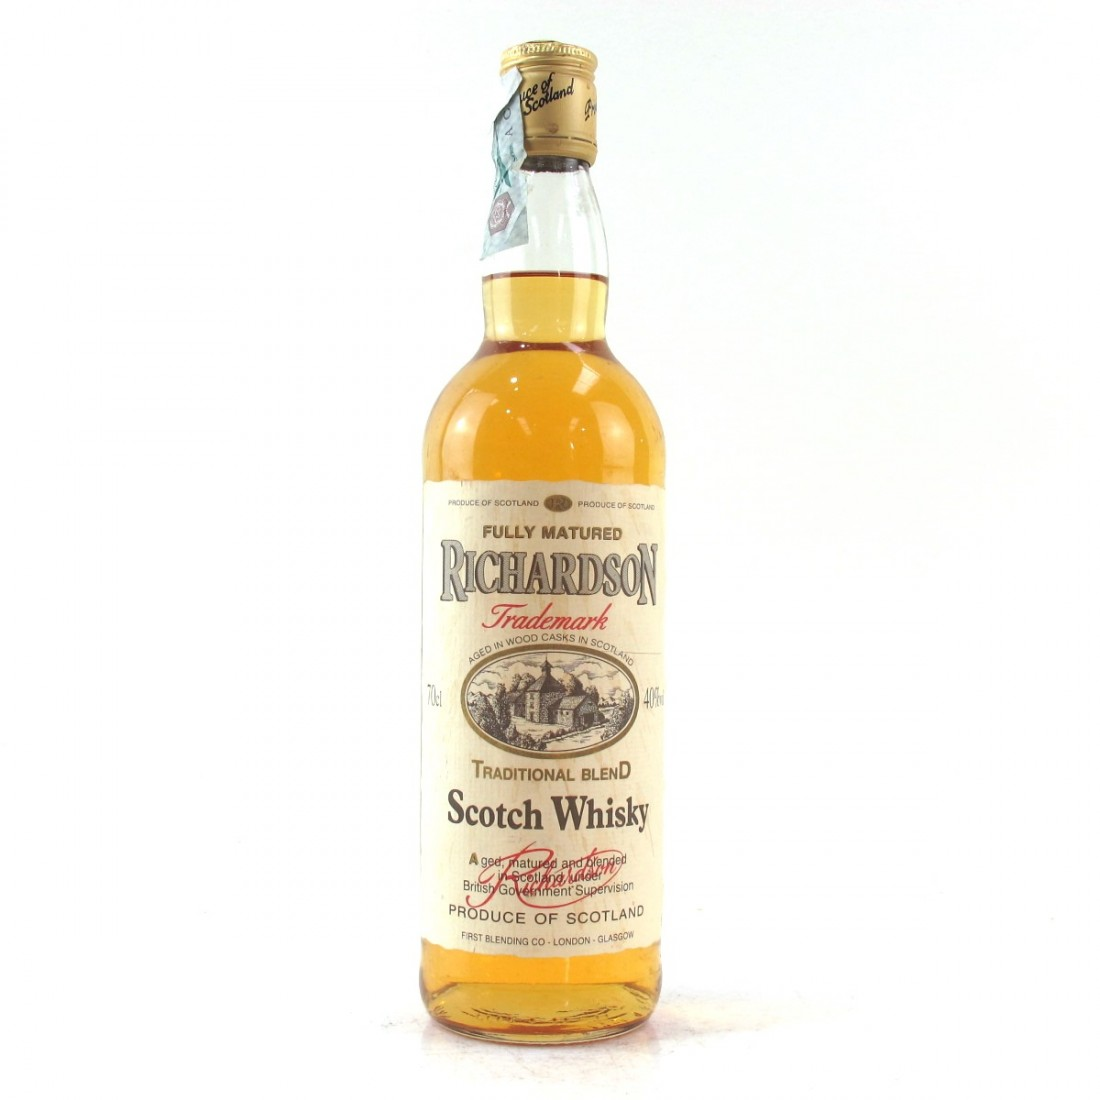 Richardson Scotch Whisky